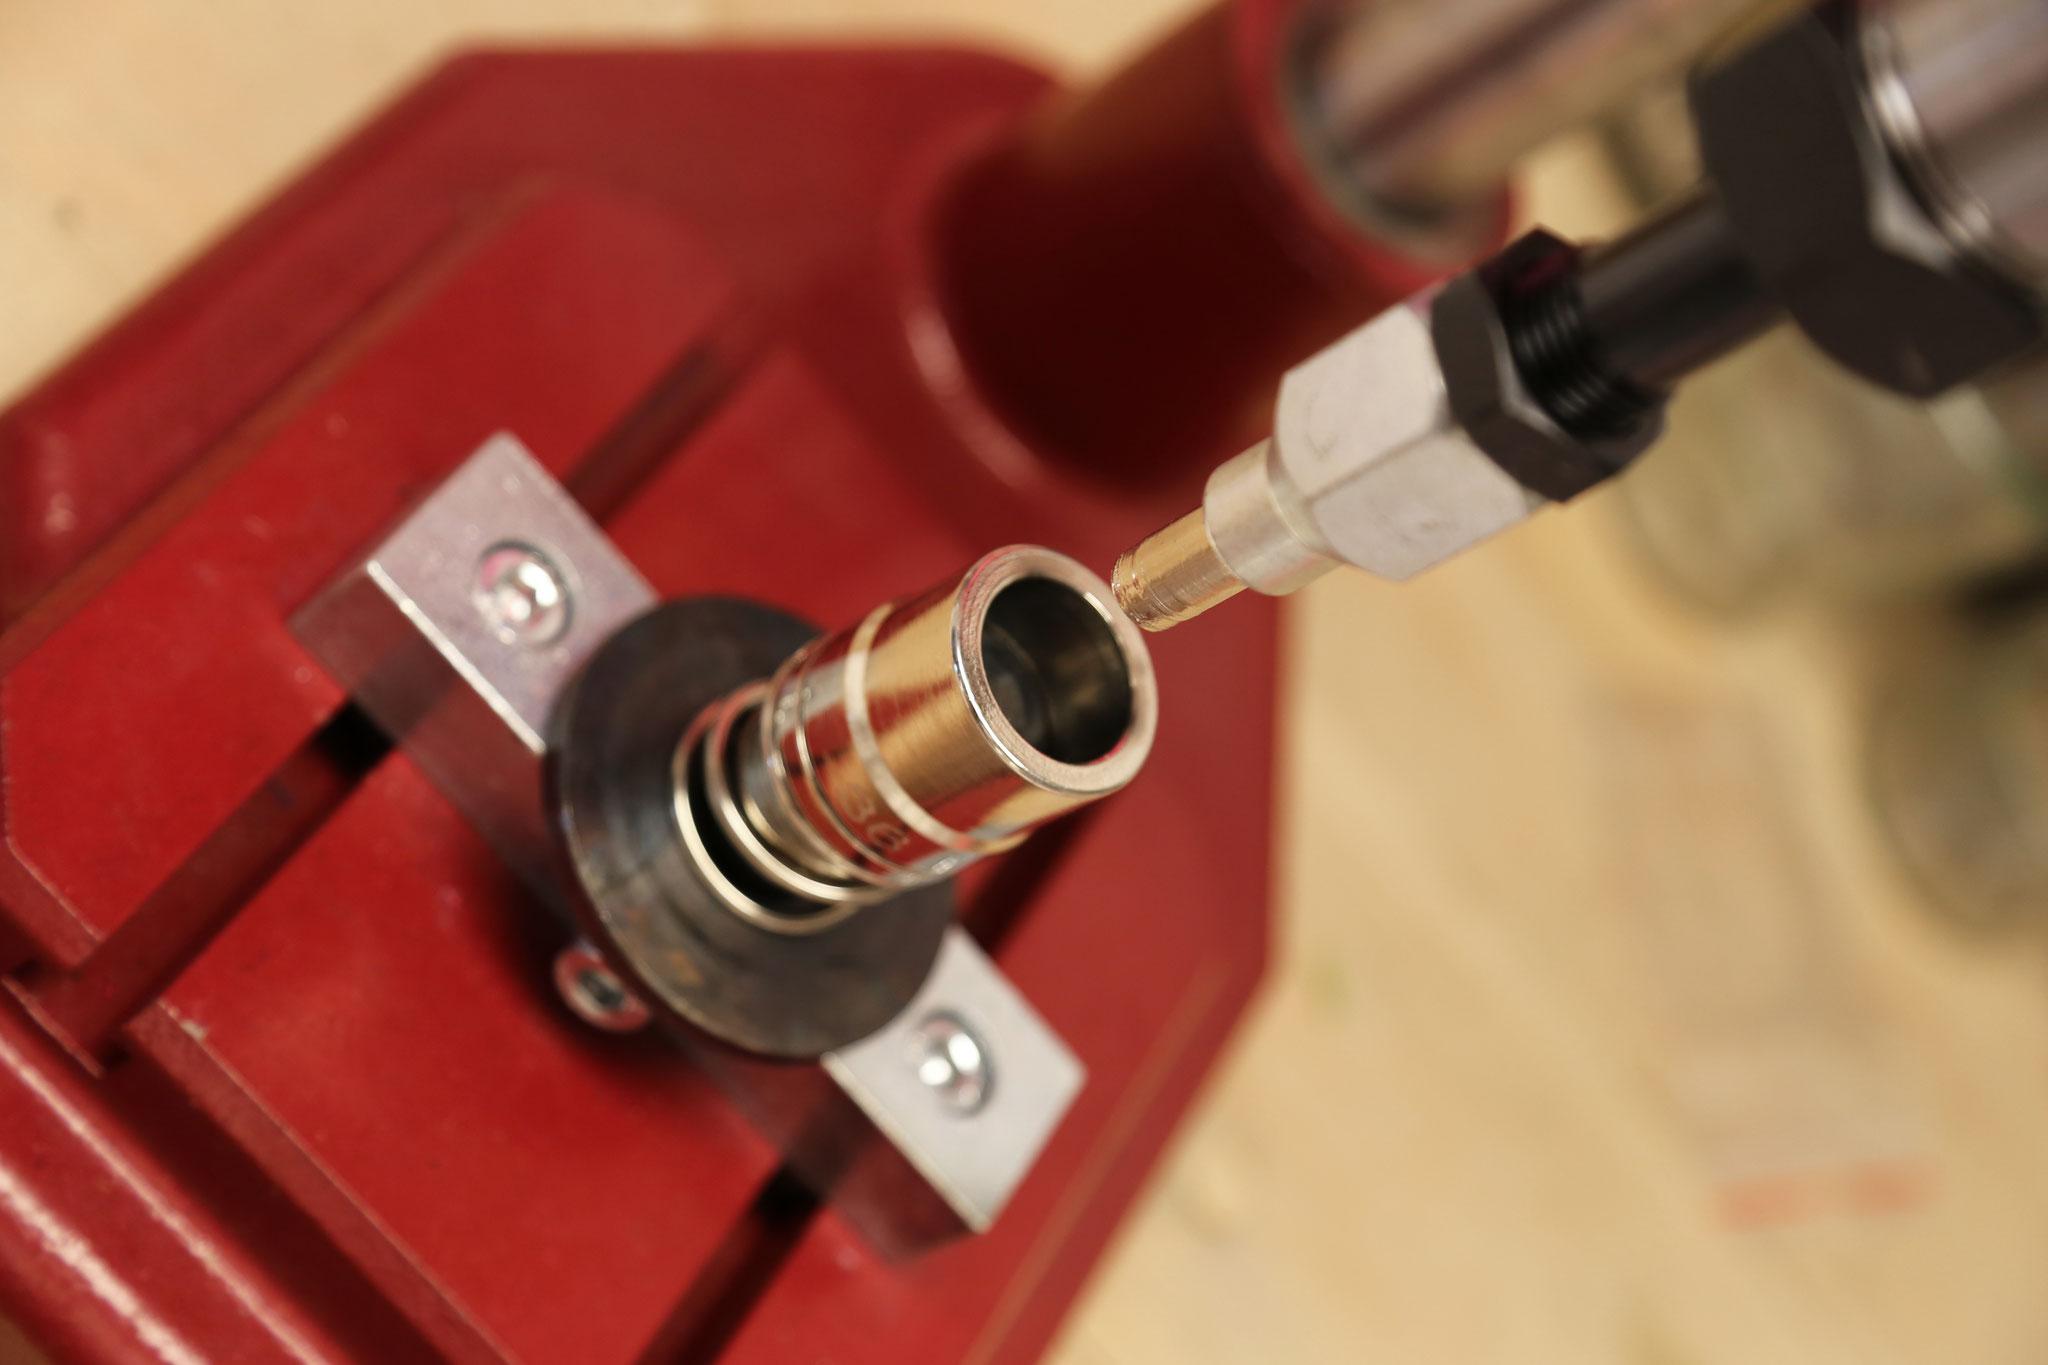 Federschlagpresse mit Knopfwerkzeug